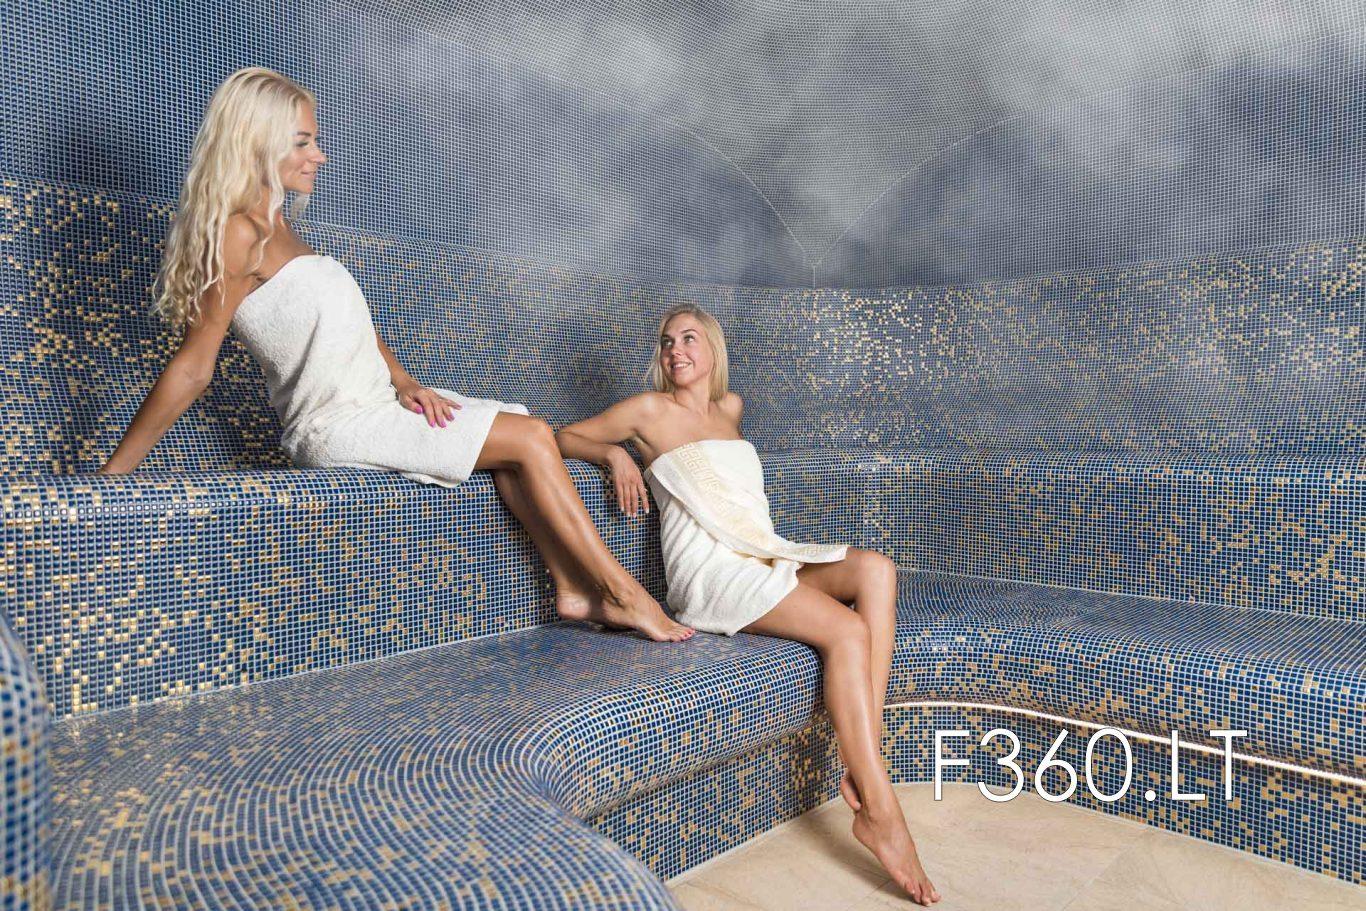 Fotografuoja Reklamines Fotosesijas Viesbuciam Spa Centram F360.lt 3t4a0804 Edit